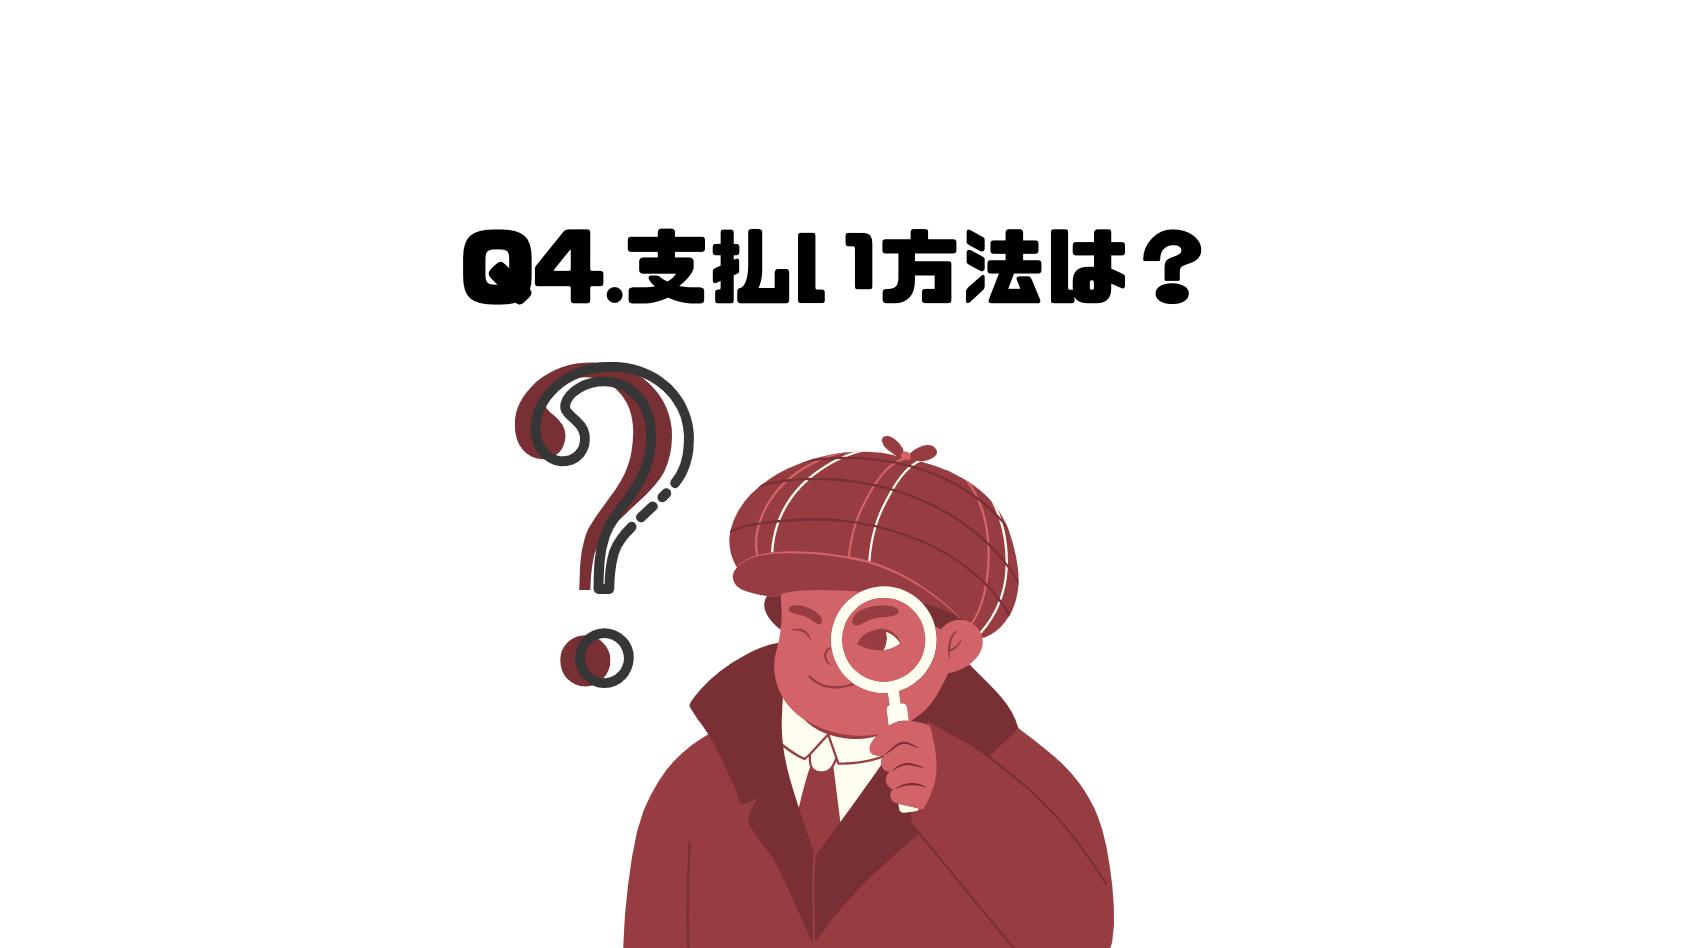 ビオマルシェ_評判_口コミ_よくある質問_支払い方法